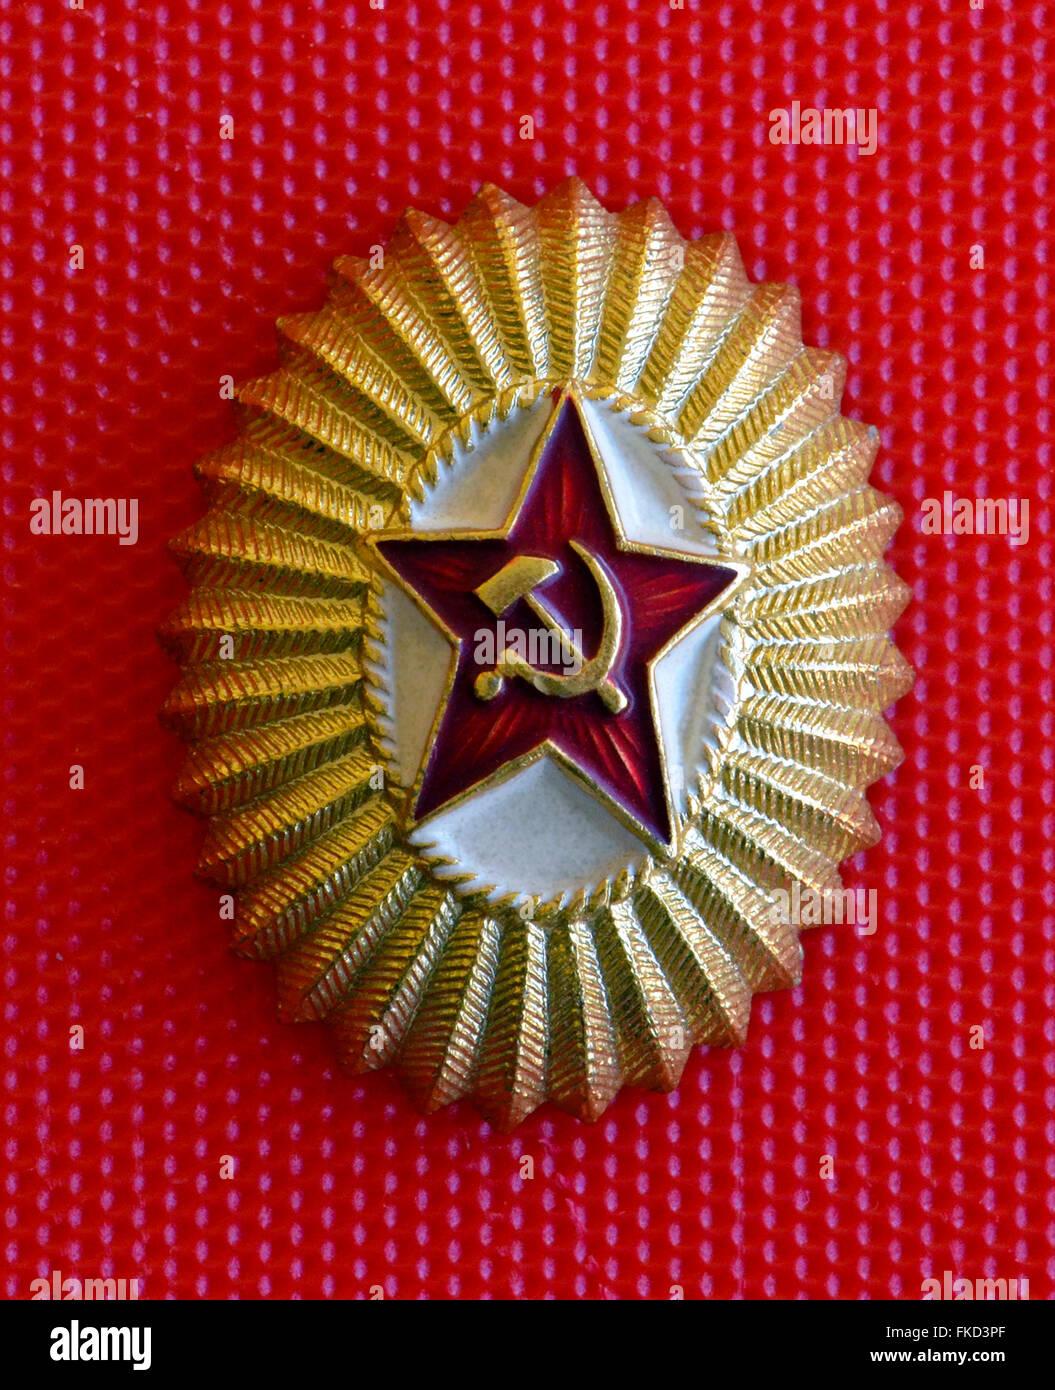 Una popular insignia de la Unión Soviética muestra una estrella roja con la hoz y el martillo, un comunista Imagen De Stock